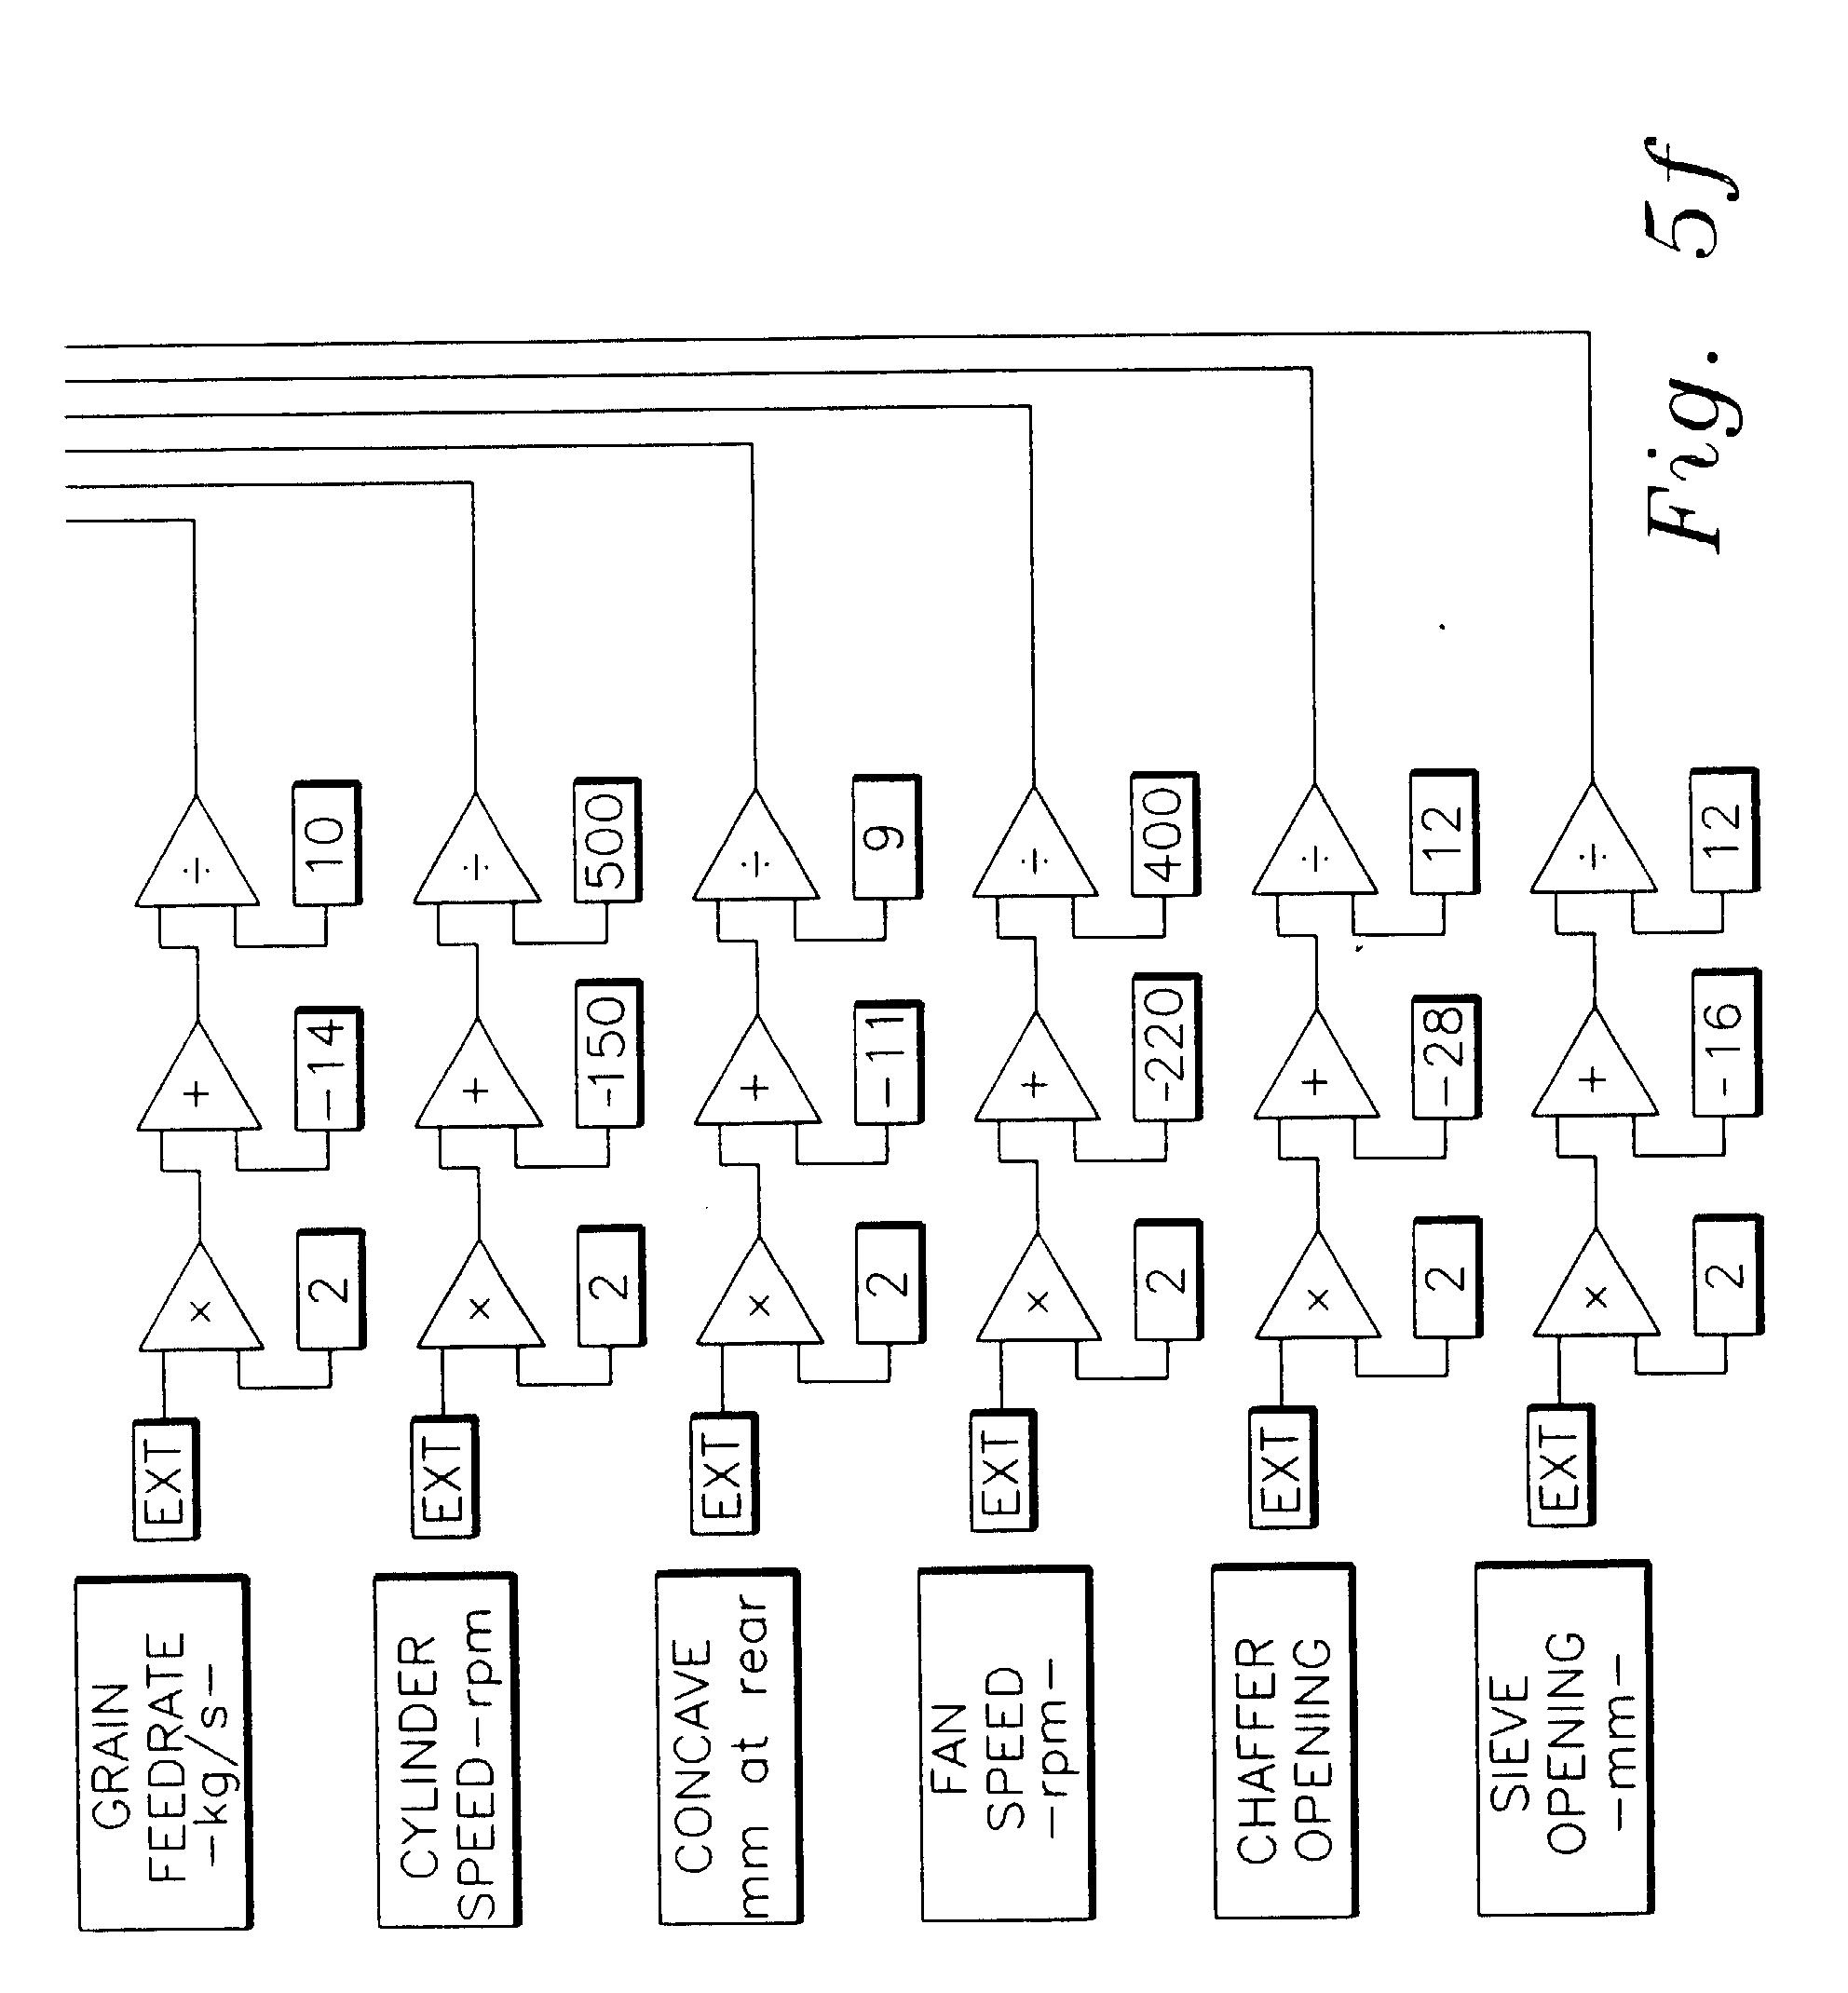 John Deere Combine Wiring Diagrams Manual Of Diagram 4200 Fuse Box 345 9600